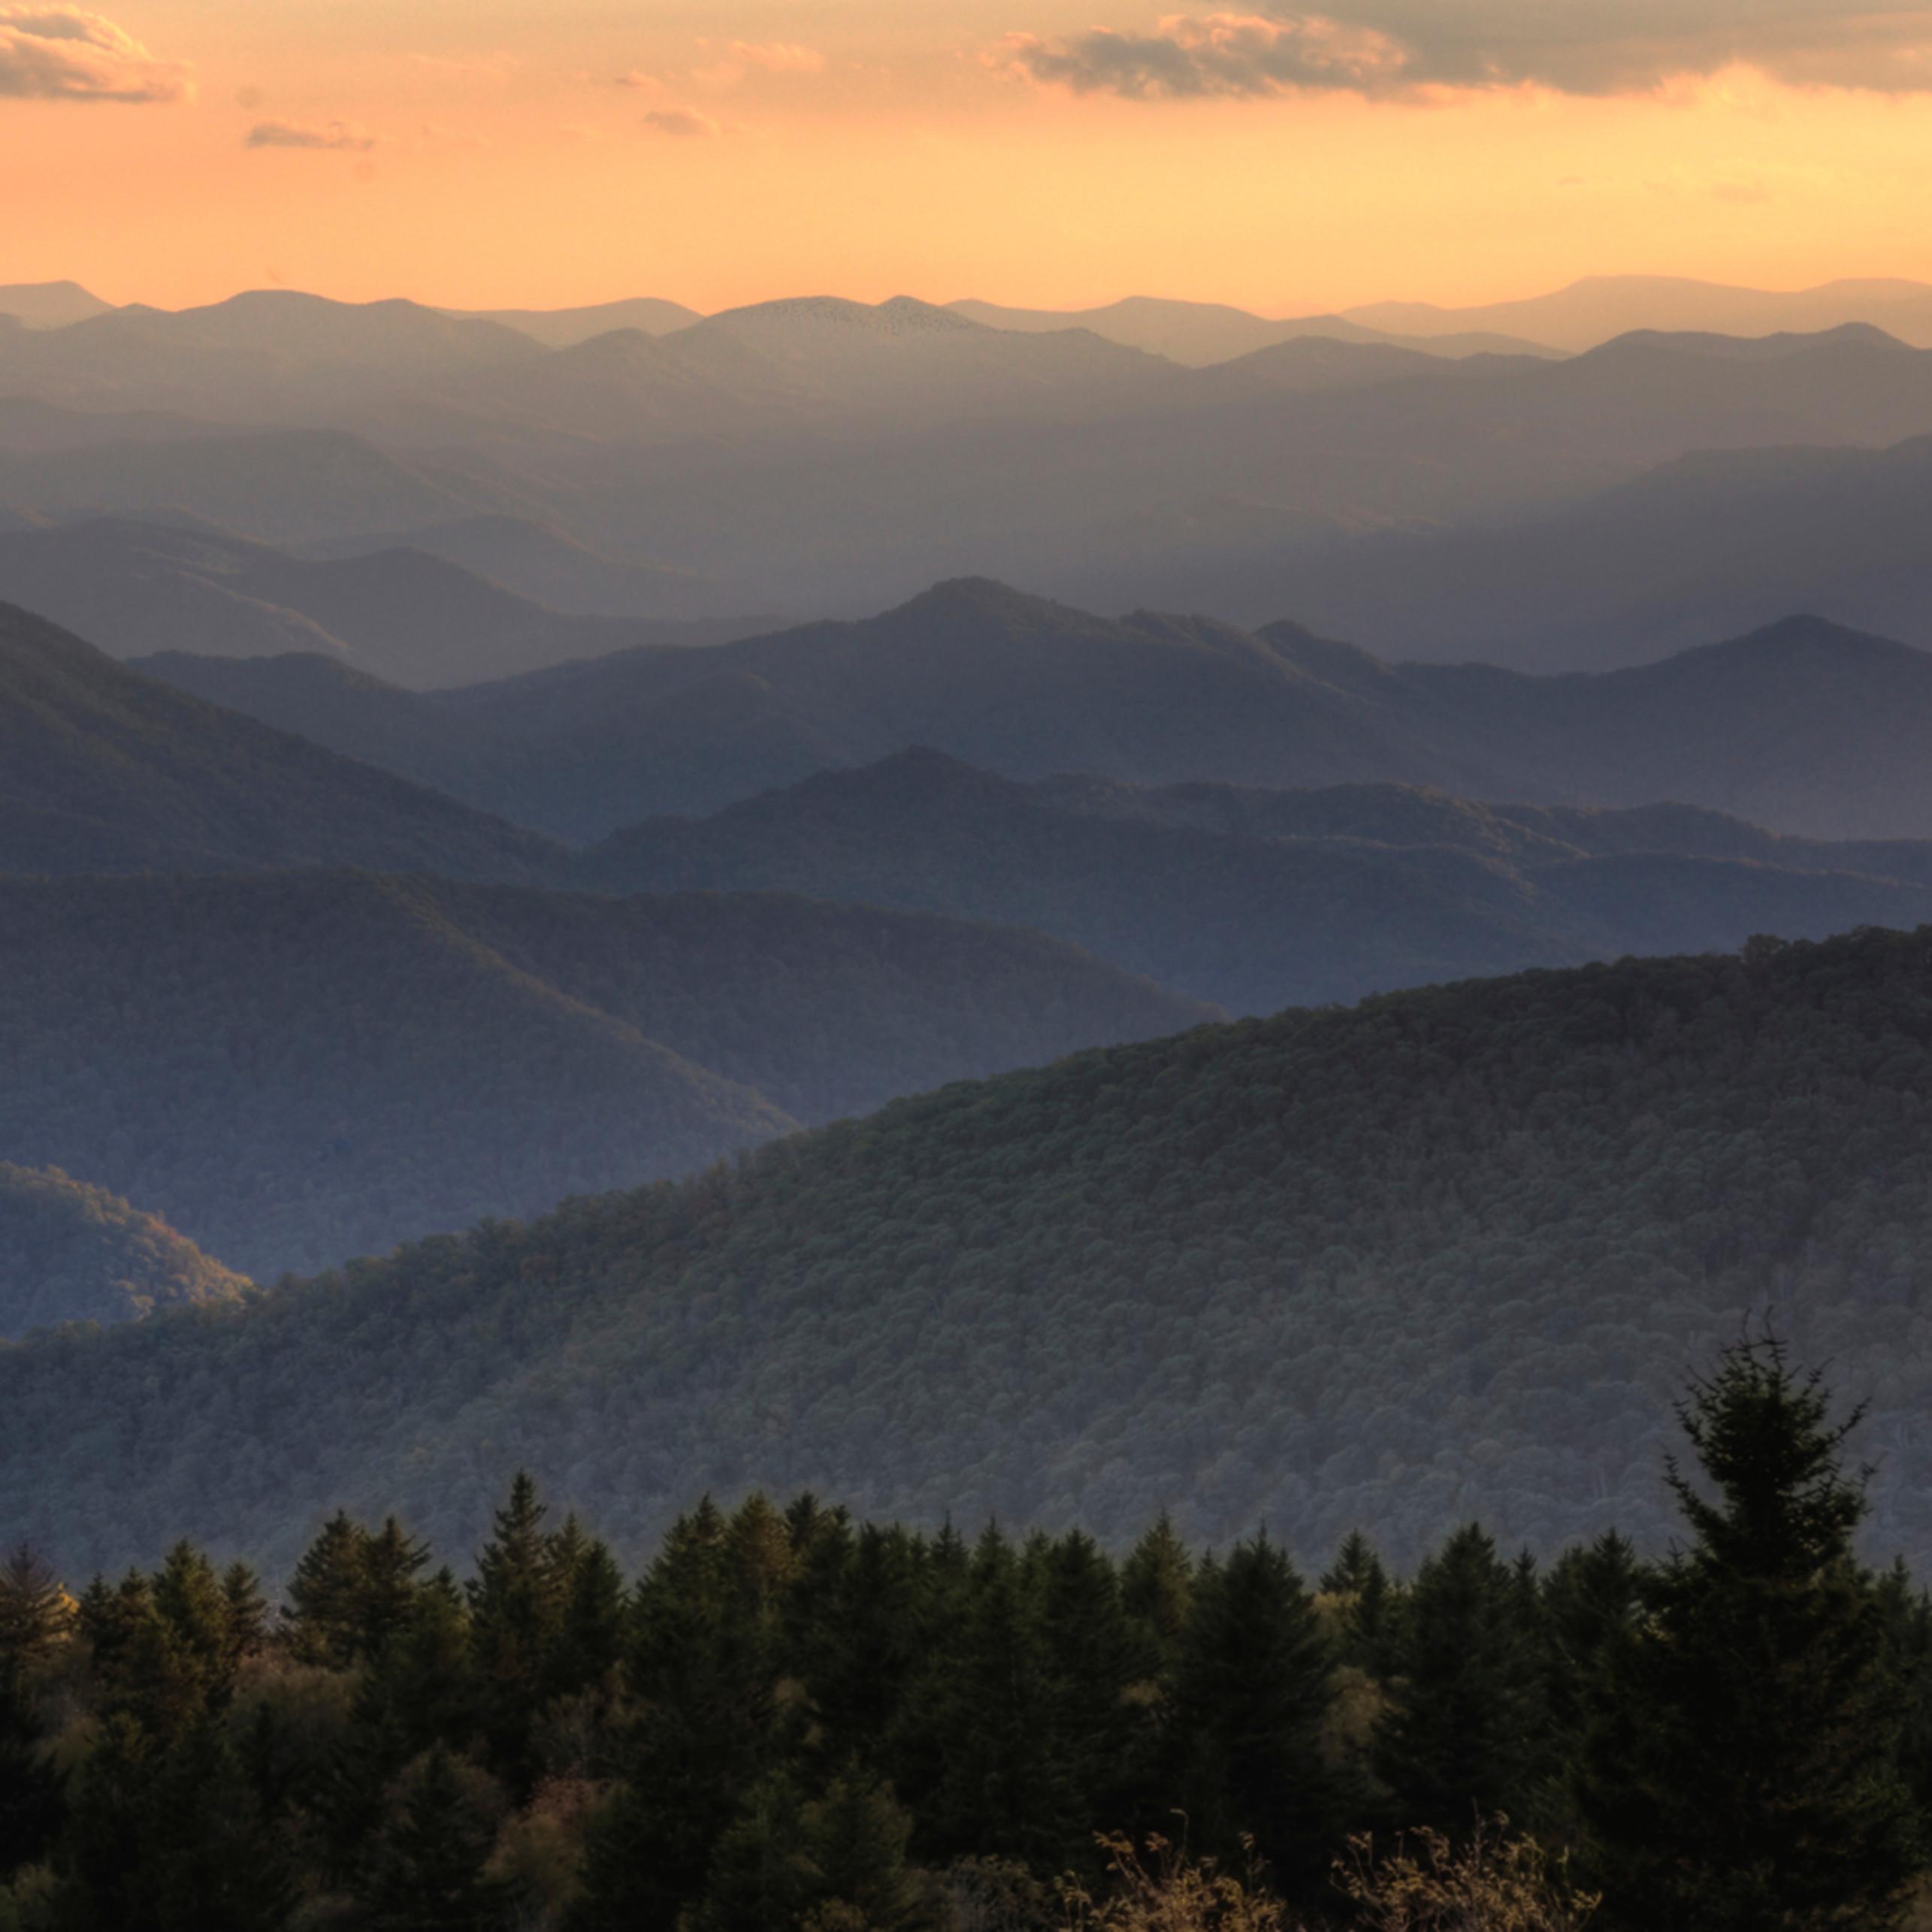 Mountain vista dhfrbs